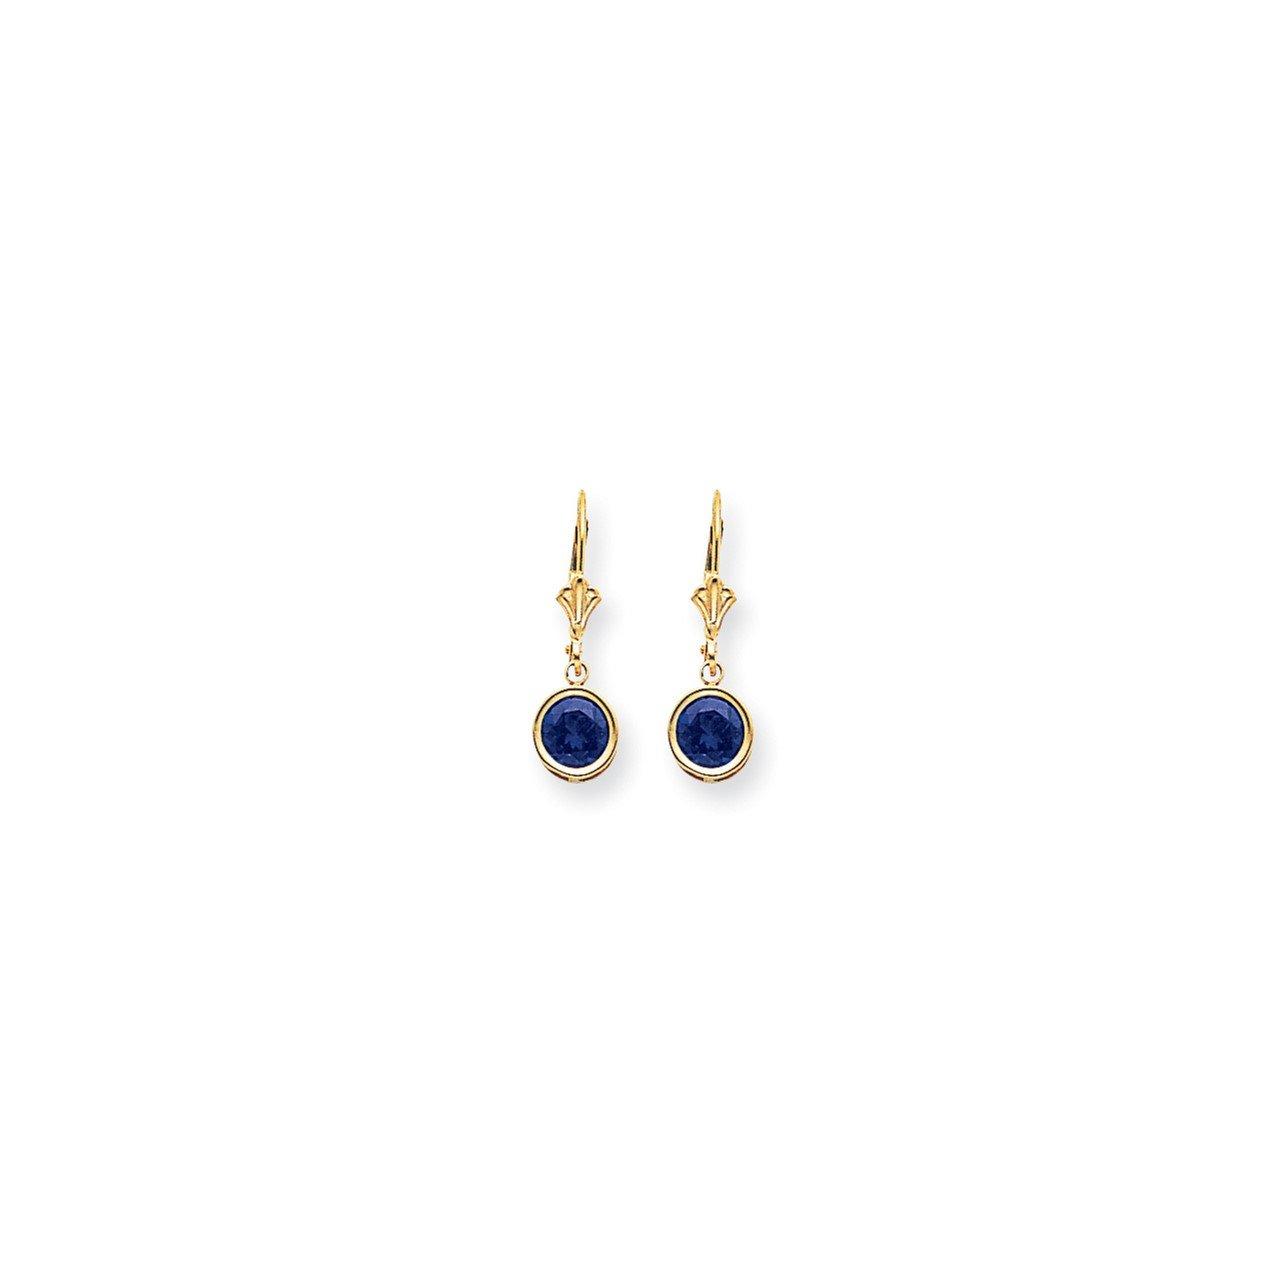 14k 6mm Sapphire leverback earring